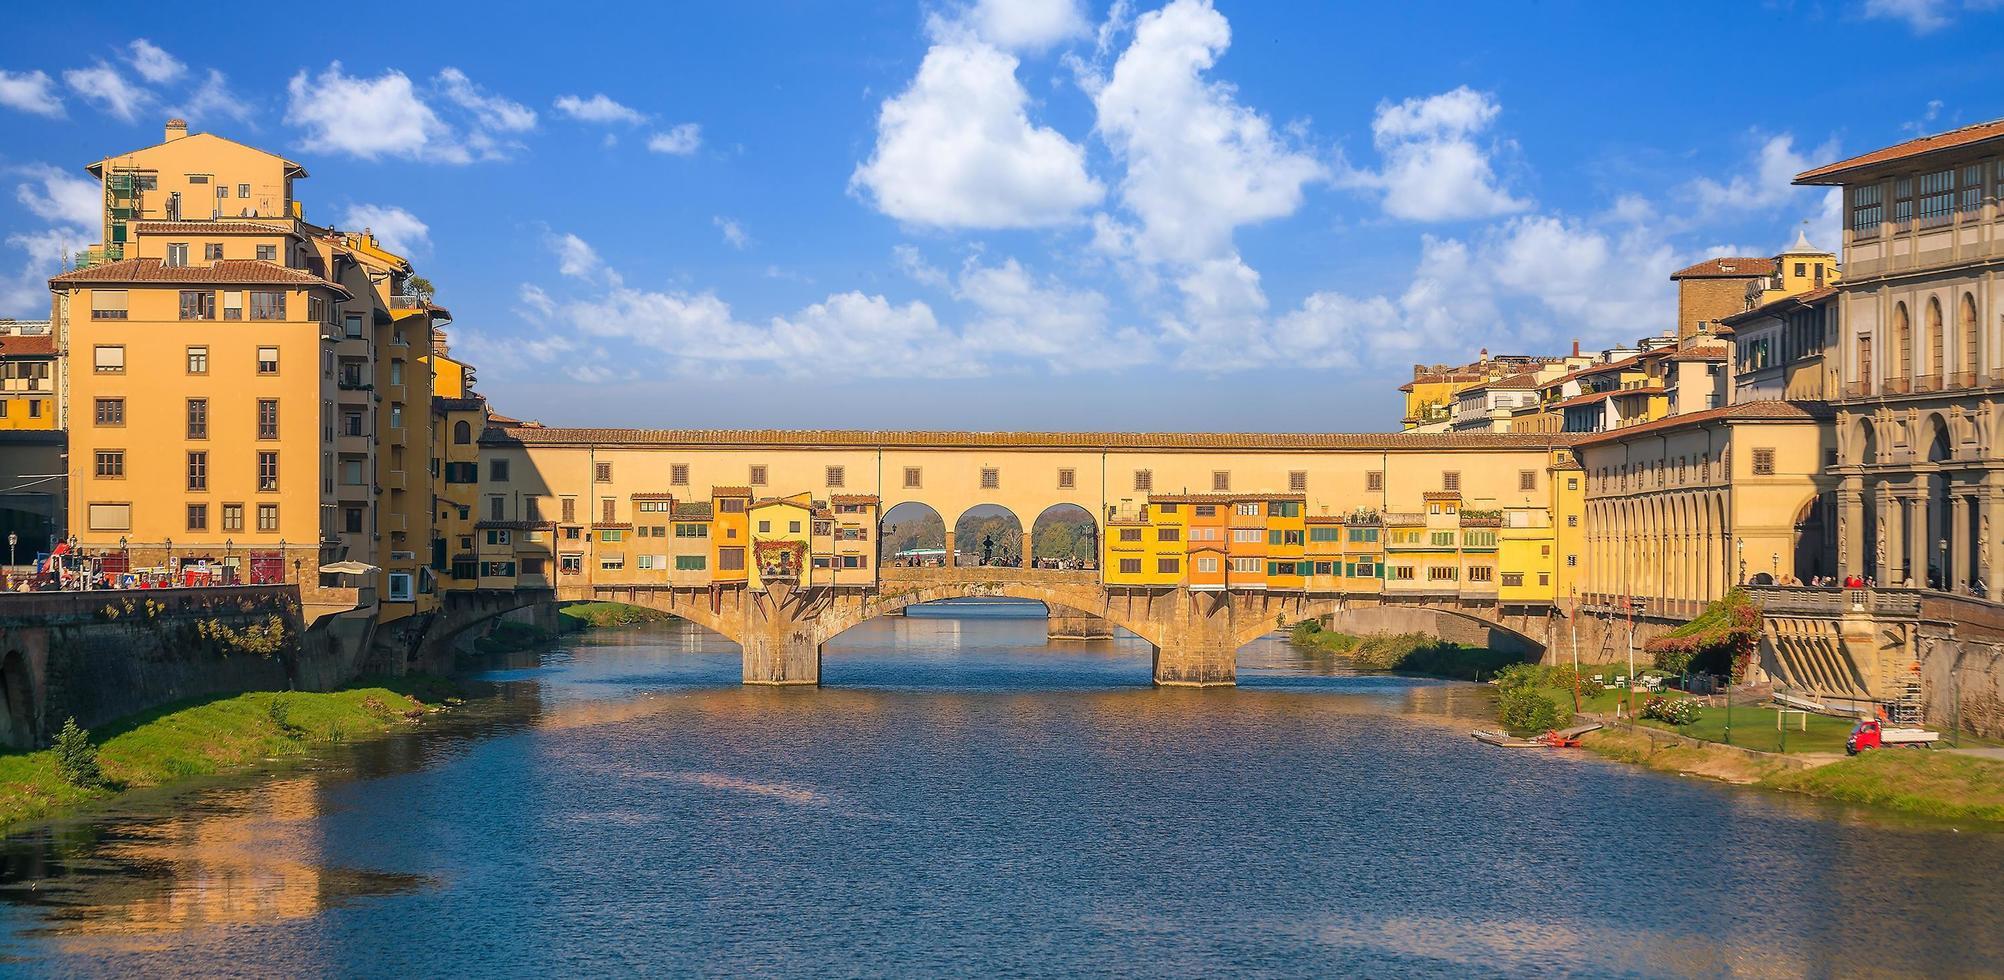 ponte vecchio över floden Arno i Florens foto